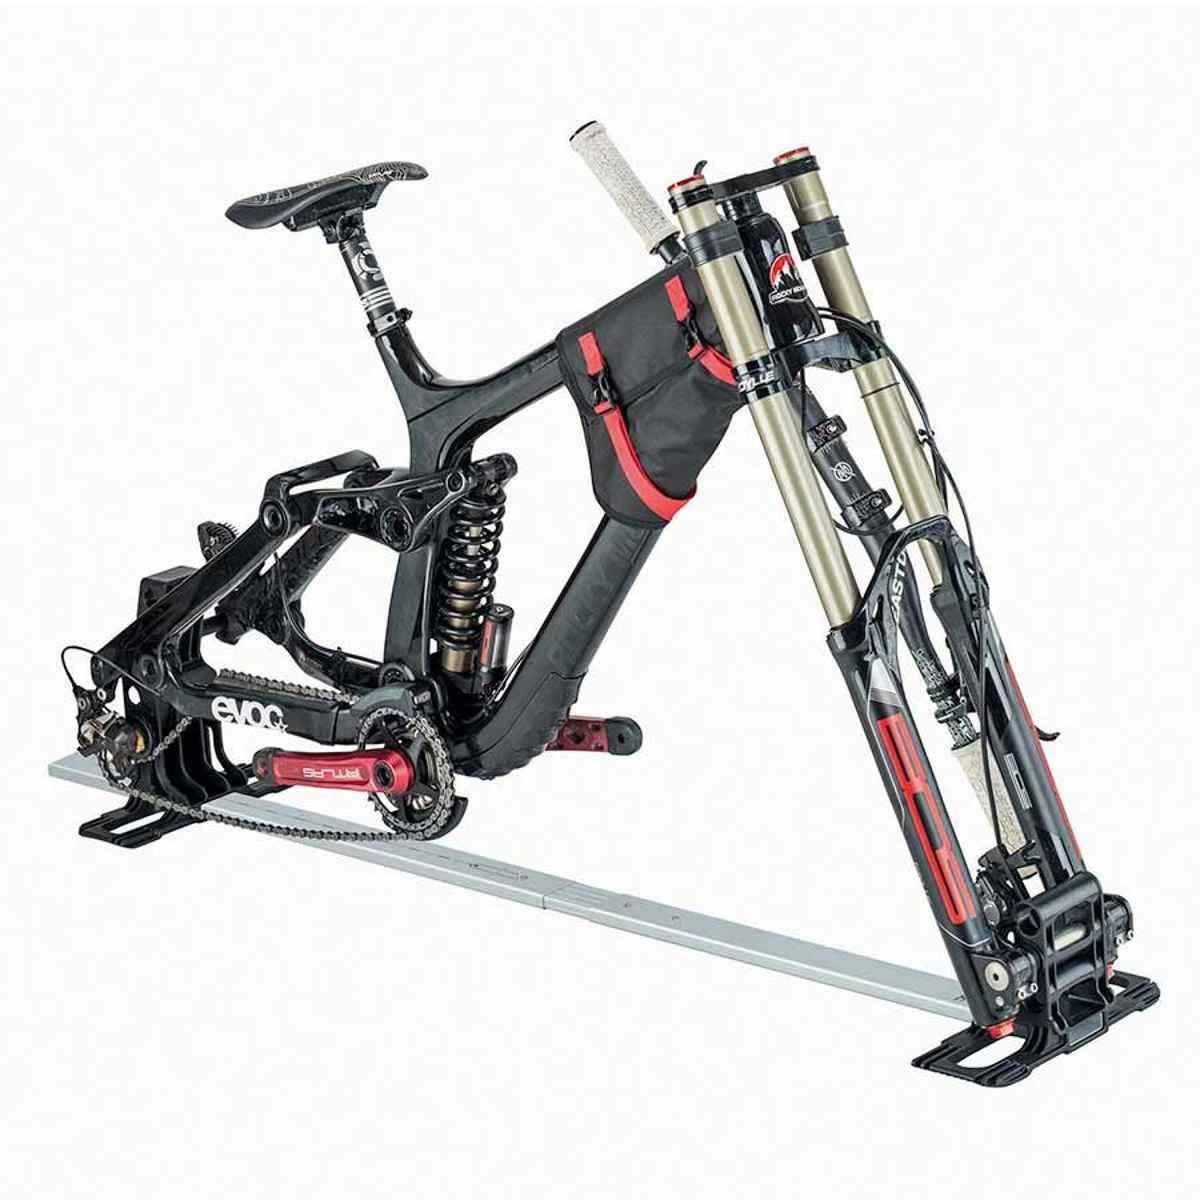 Evoc バイク用多機能スタンド 自転車 旅行用バッグ ほとんどの自転車/車軸に対応   B07J2R318D